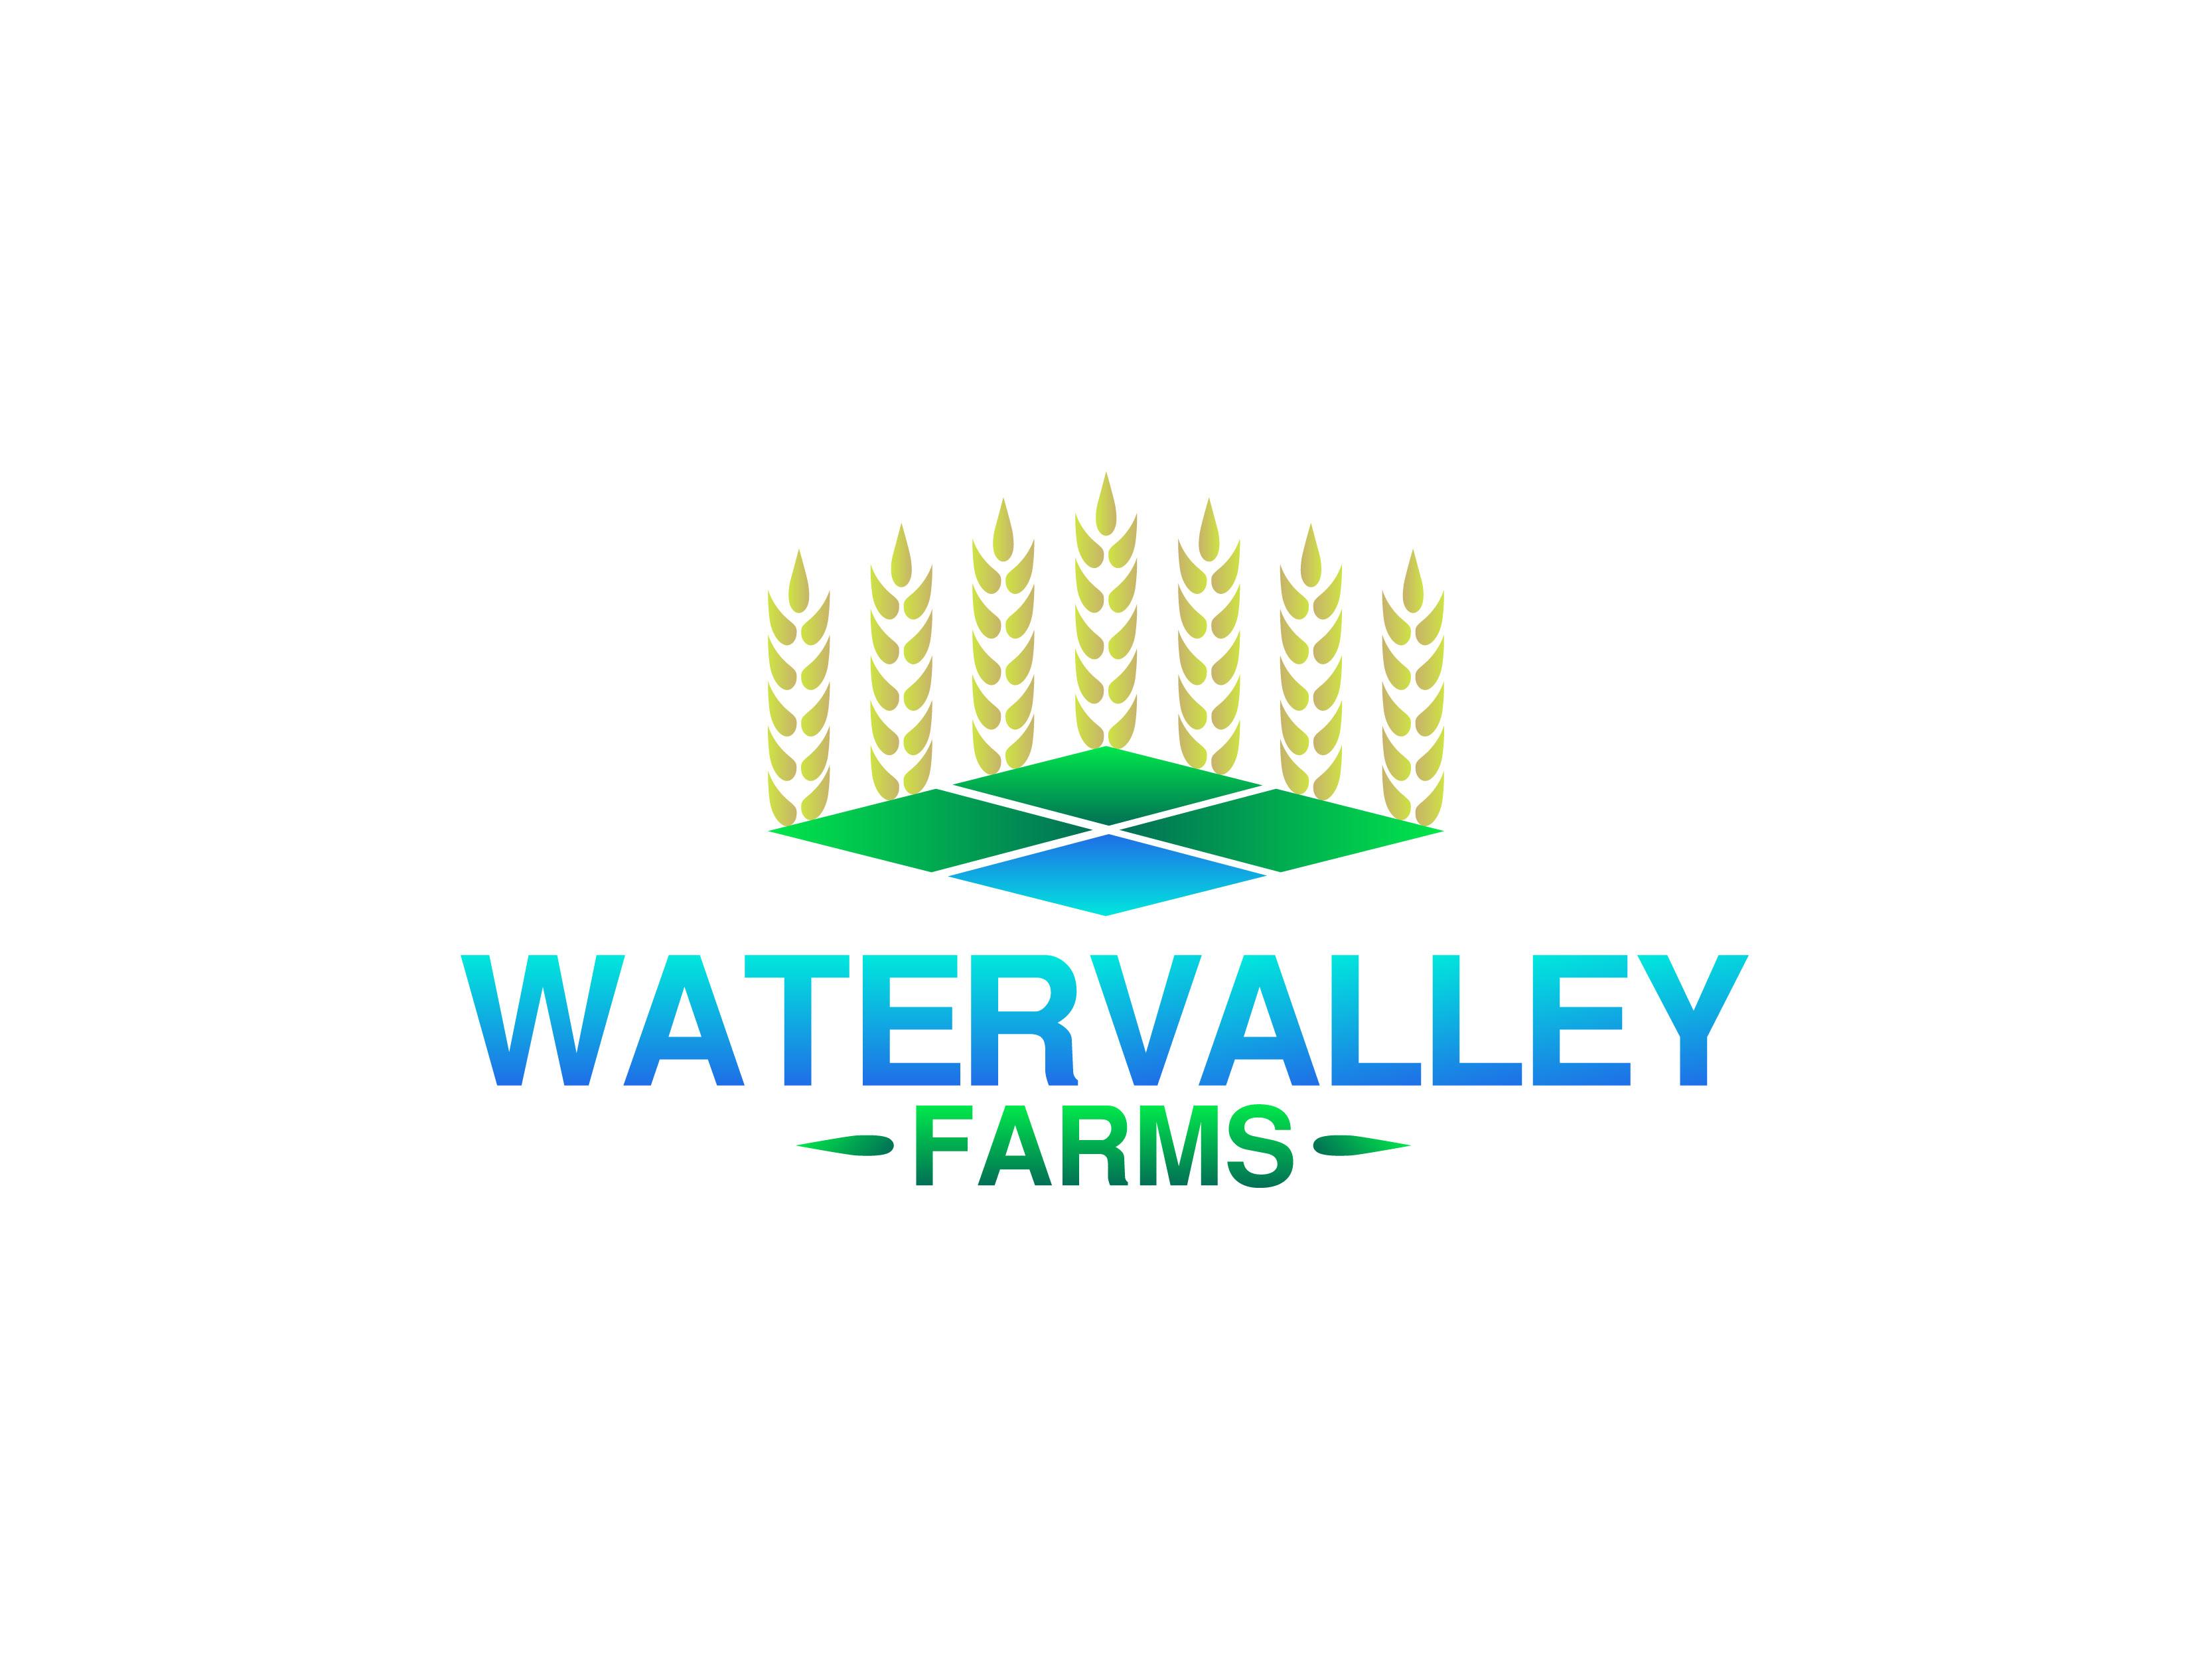 Logo Design by Alvin Sarona - Entry No. 105 in the Logo Design Contest New Logo Design for Watervalley Farms.